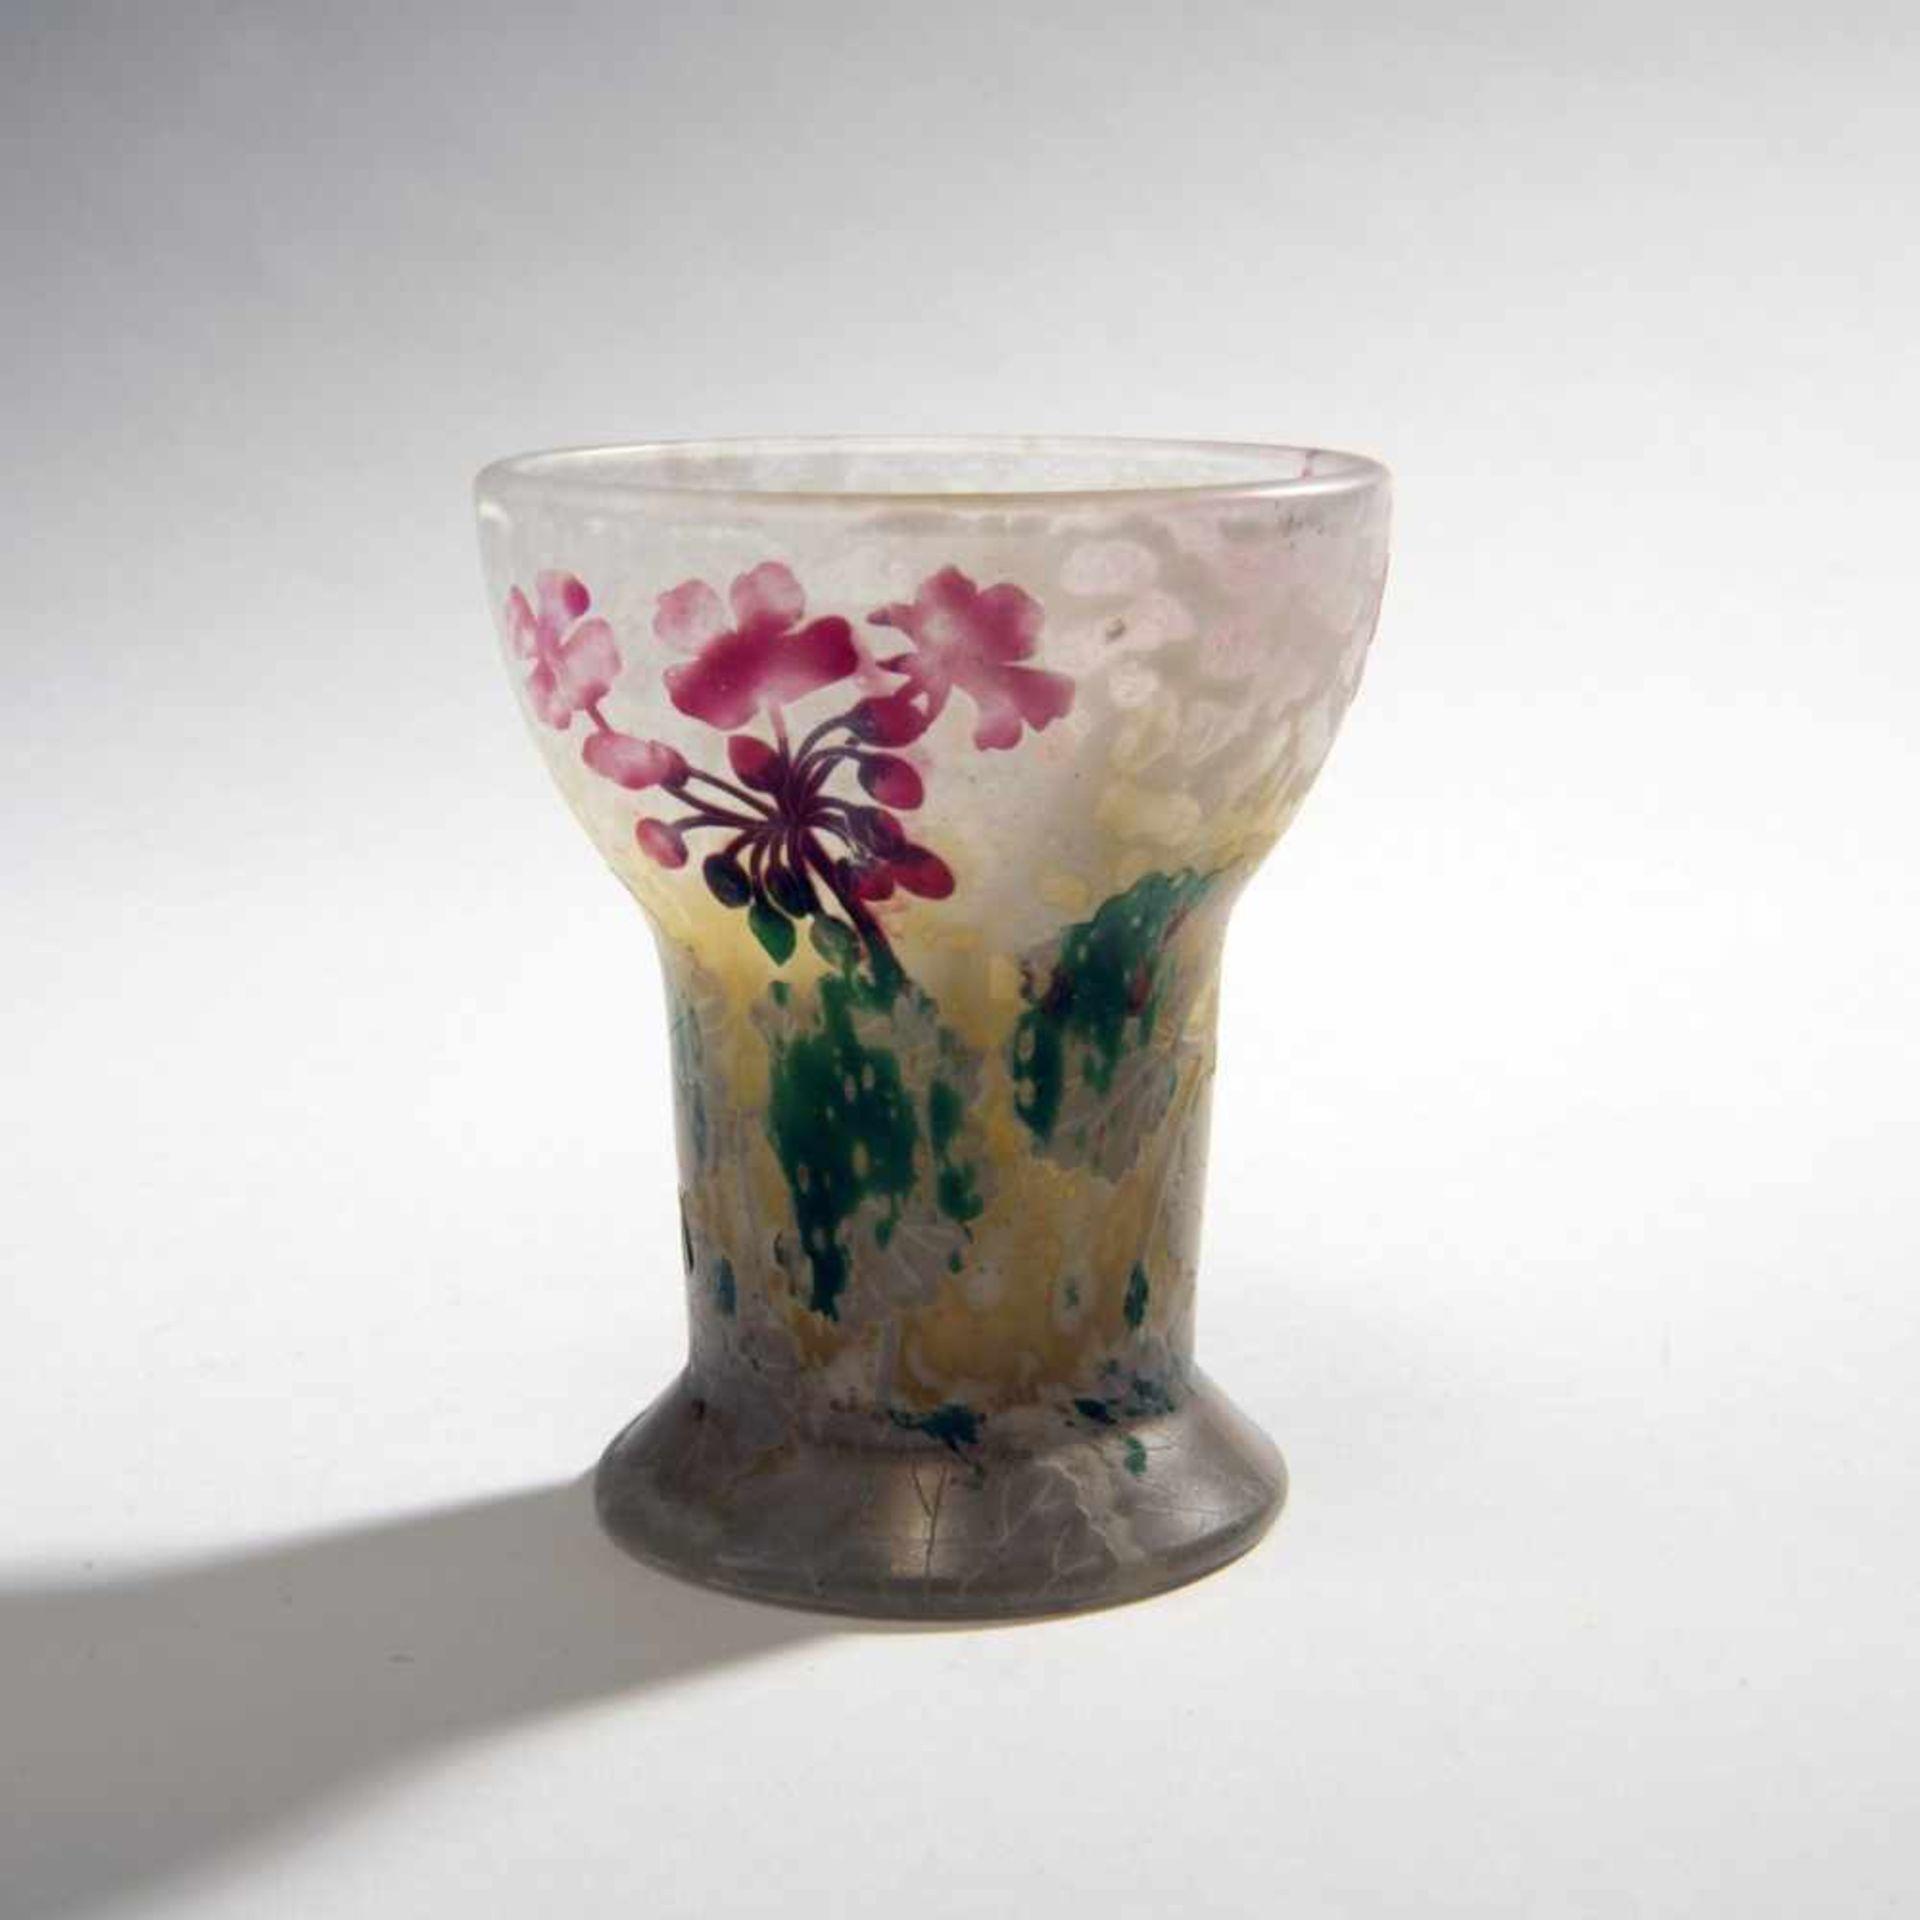 Daum Frères, Nancy, 'Géraniums, Pâte grise' vase, 1902 - Bild 2 aus 3